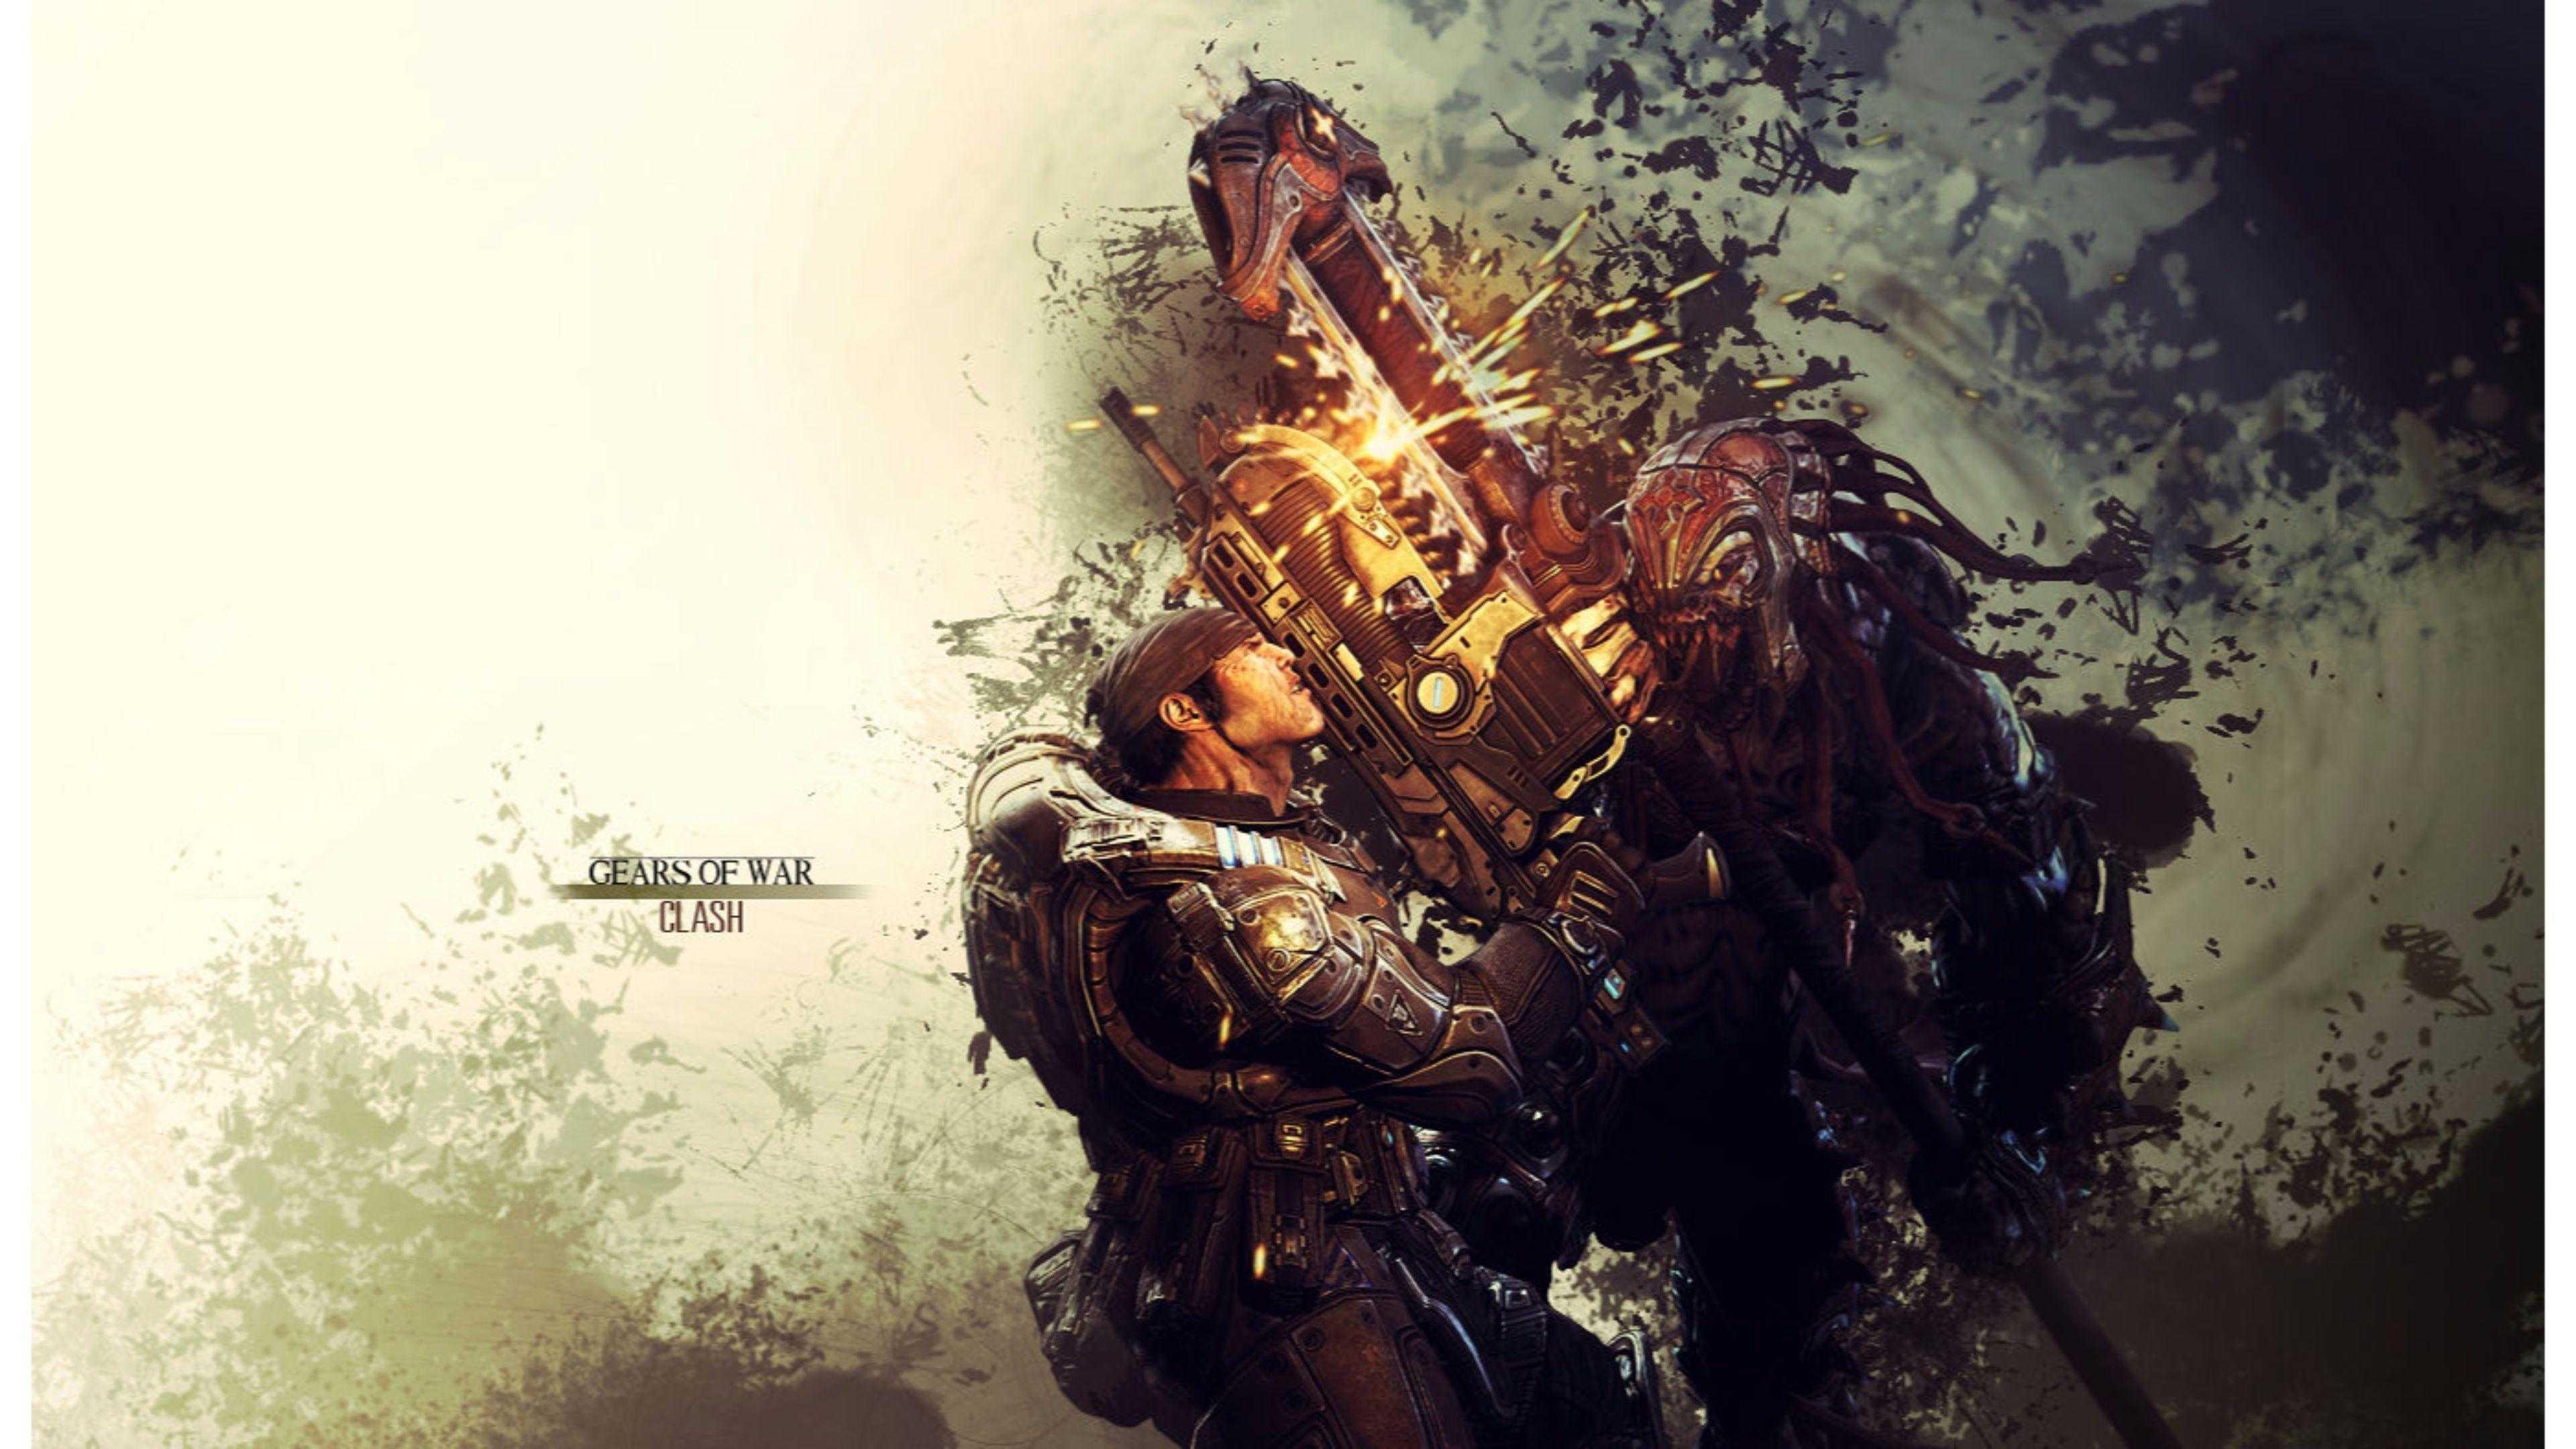 Gears of War Wallpapers - Top Free ...